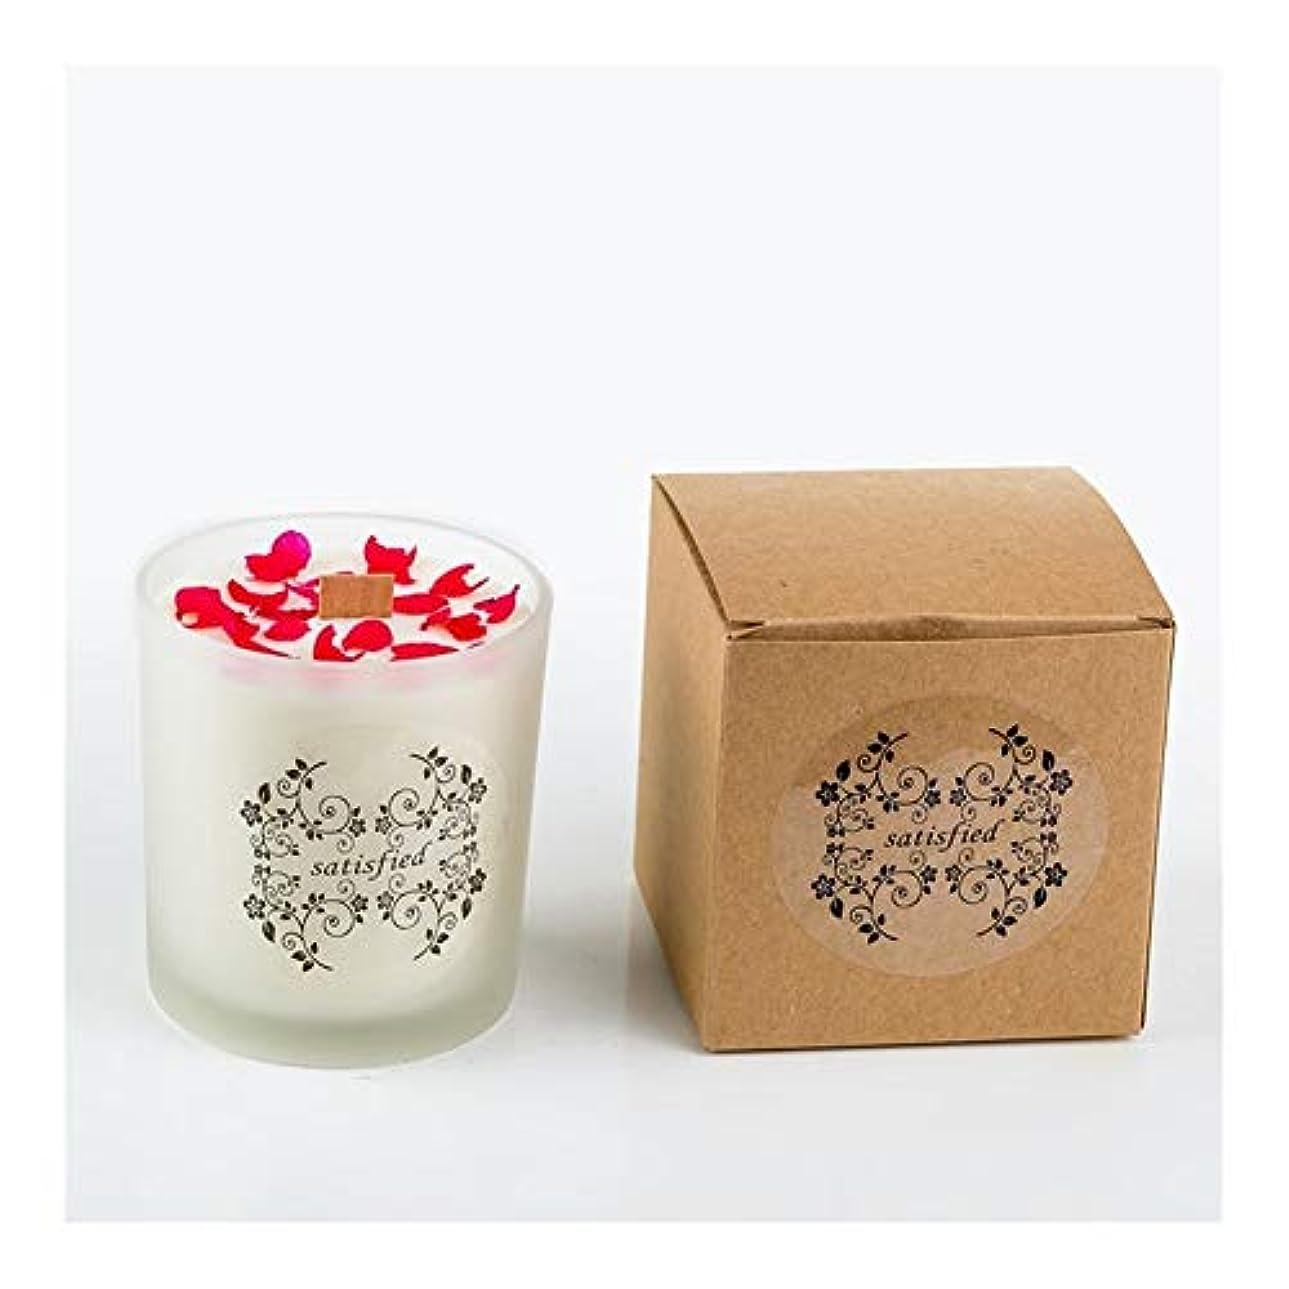 シャーロックホームズ暗殺これまでACAO ロマンチックな香りのキャンドルエッセンシャルオイル大豆ワックスガラスアロマセラピーロマンチックな誕生日ギフトの提案無煙の香り (色 : Xiang Xuelan)